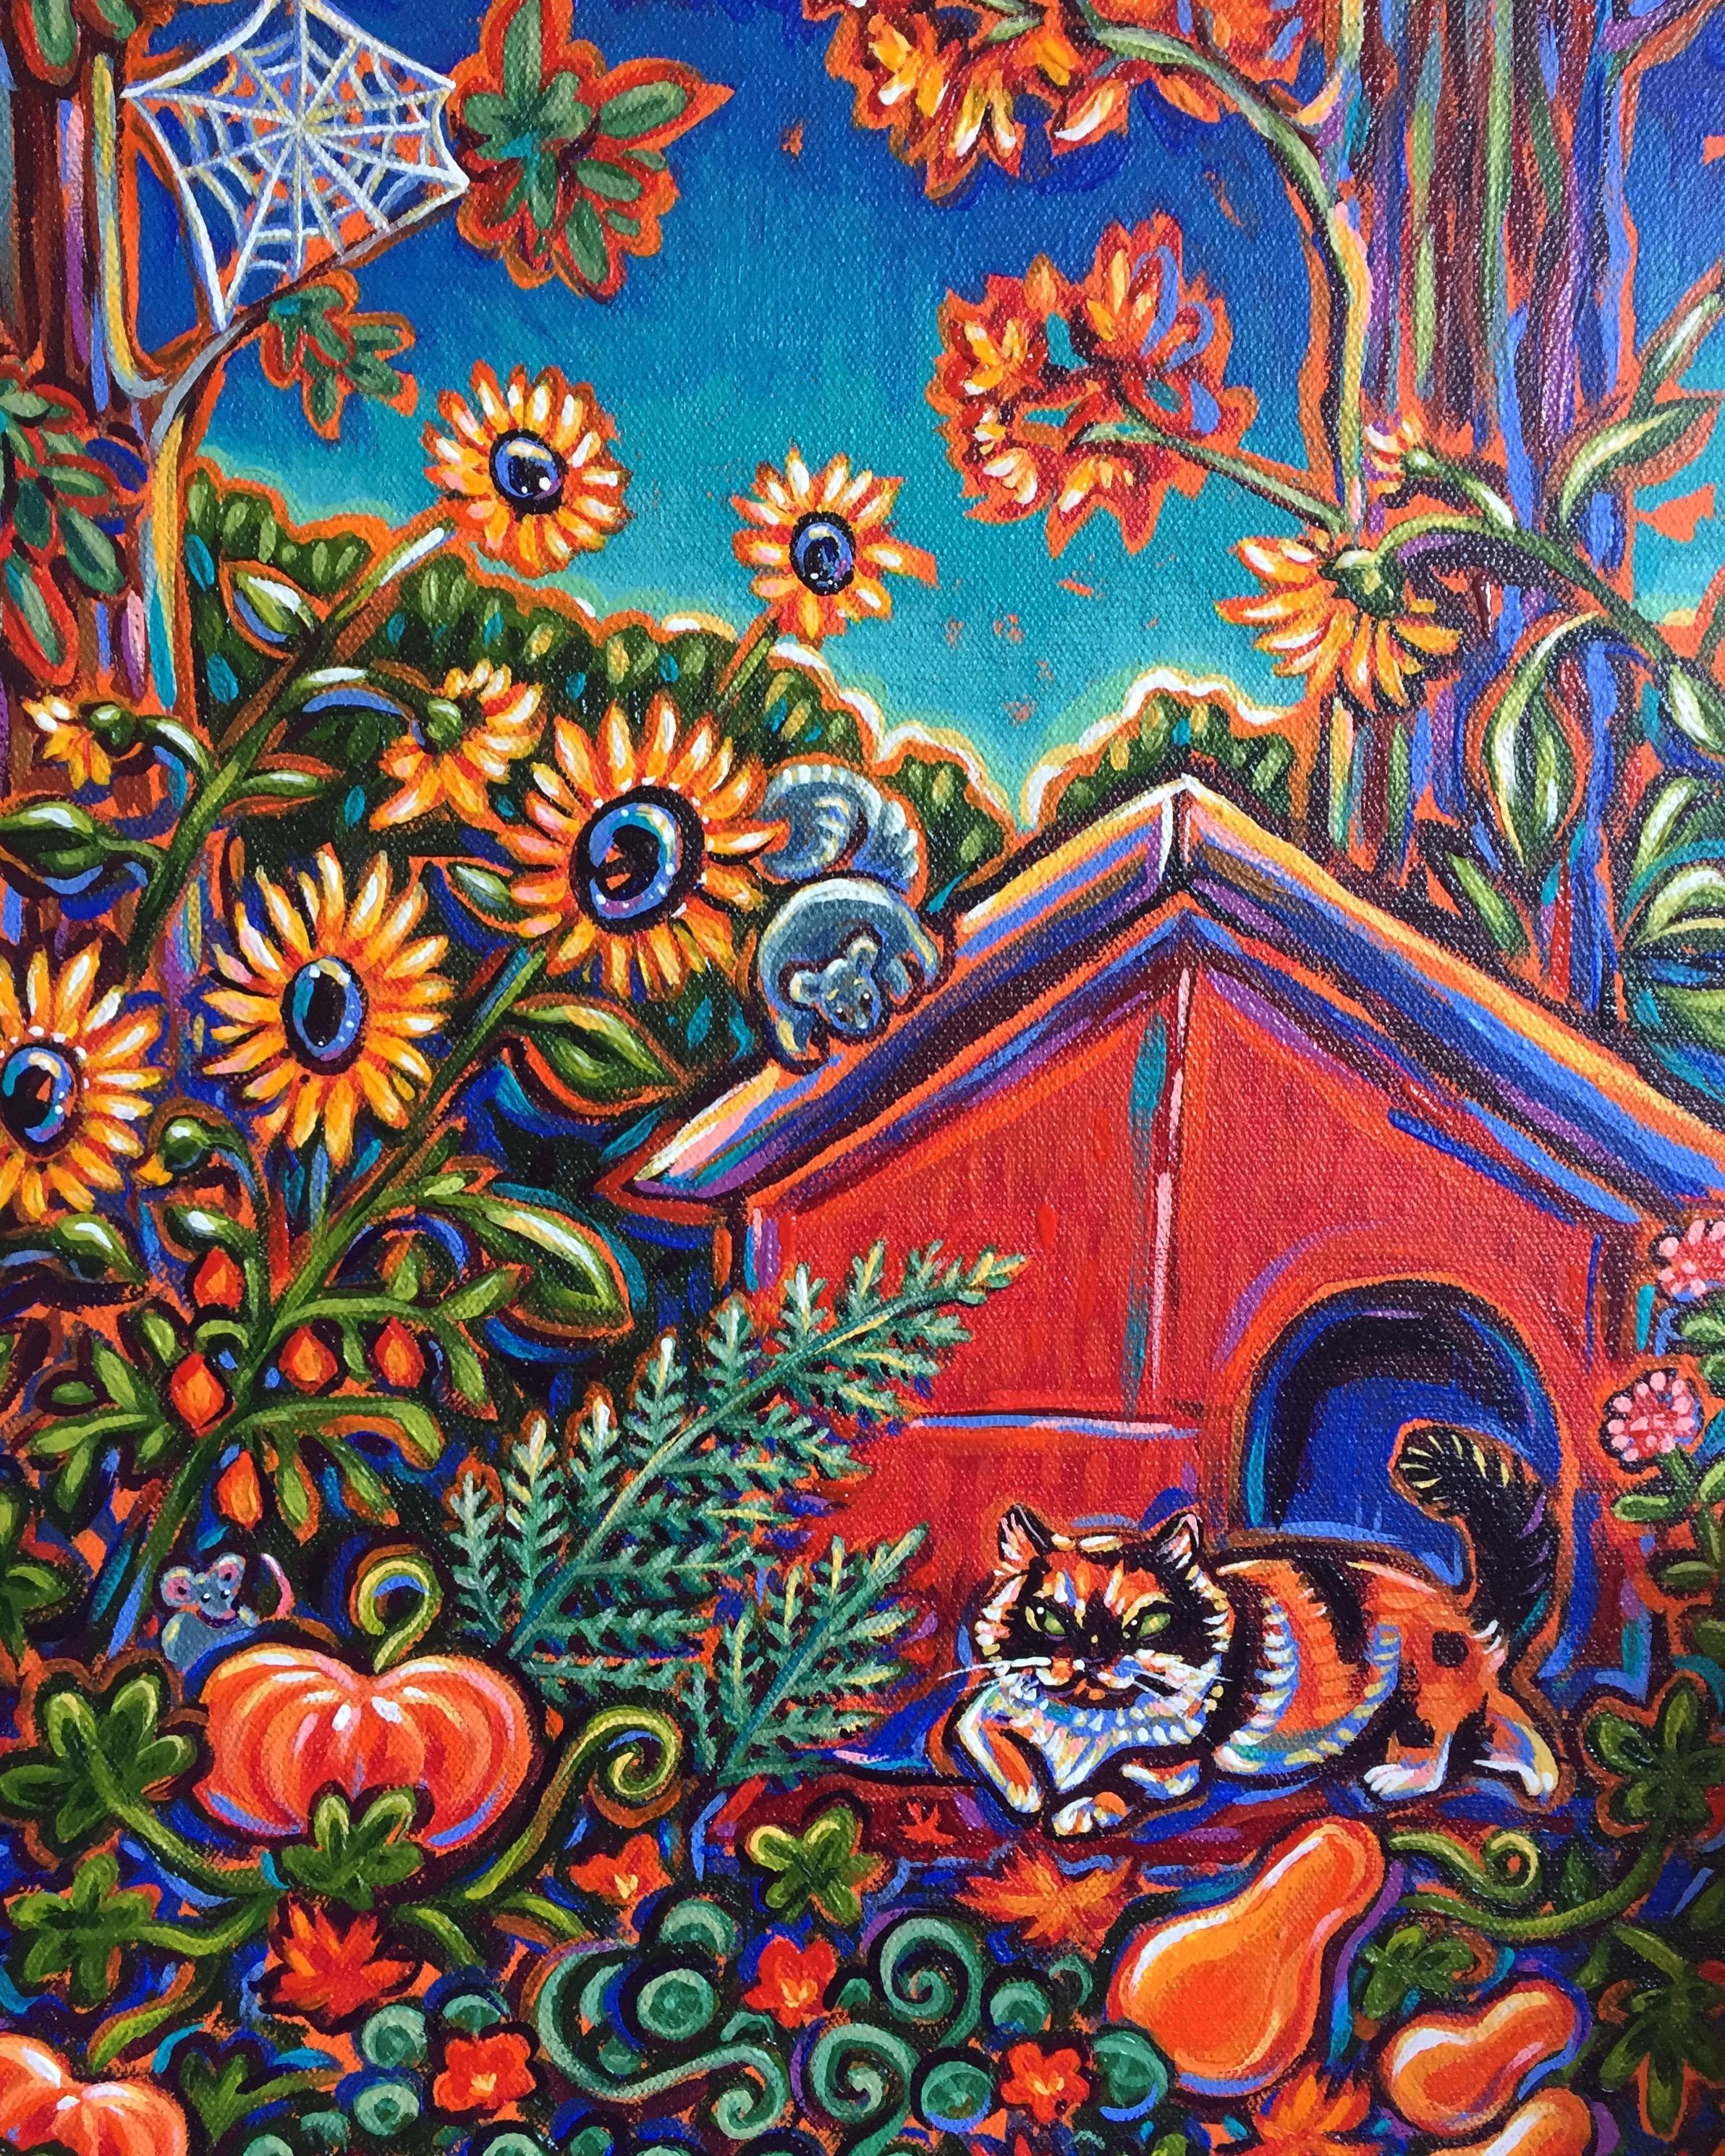 Autumn Kitty 2017. Commission